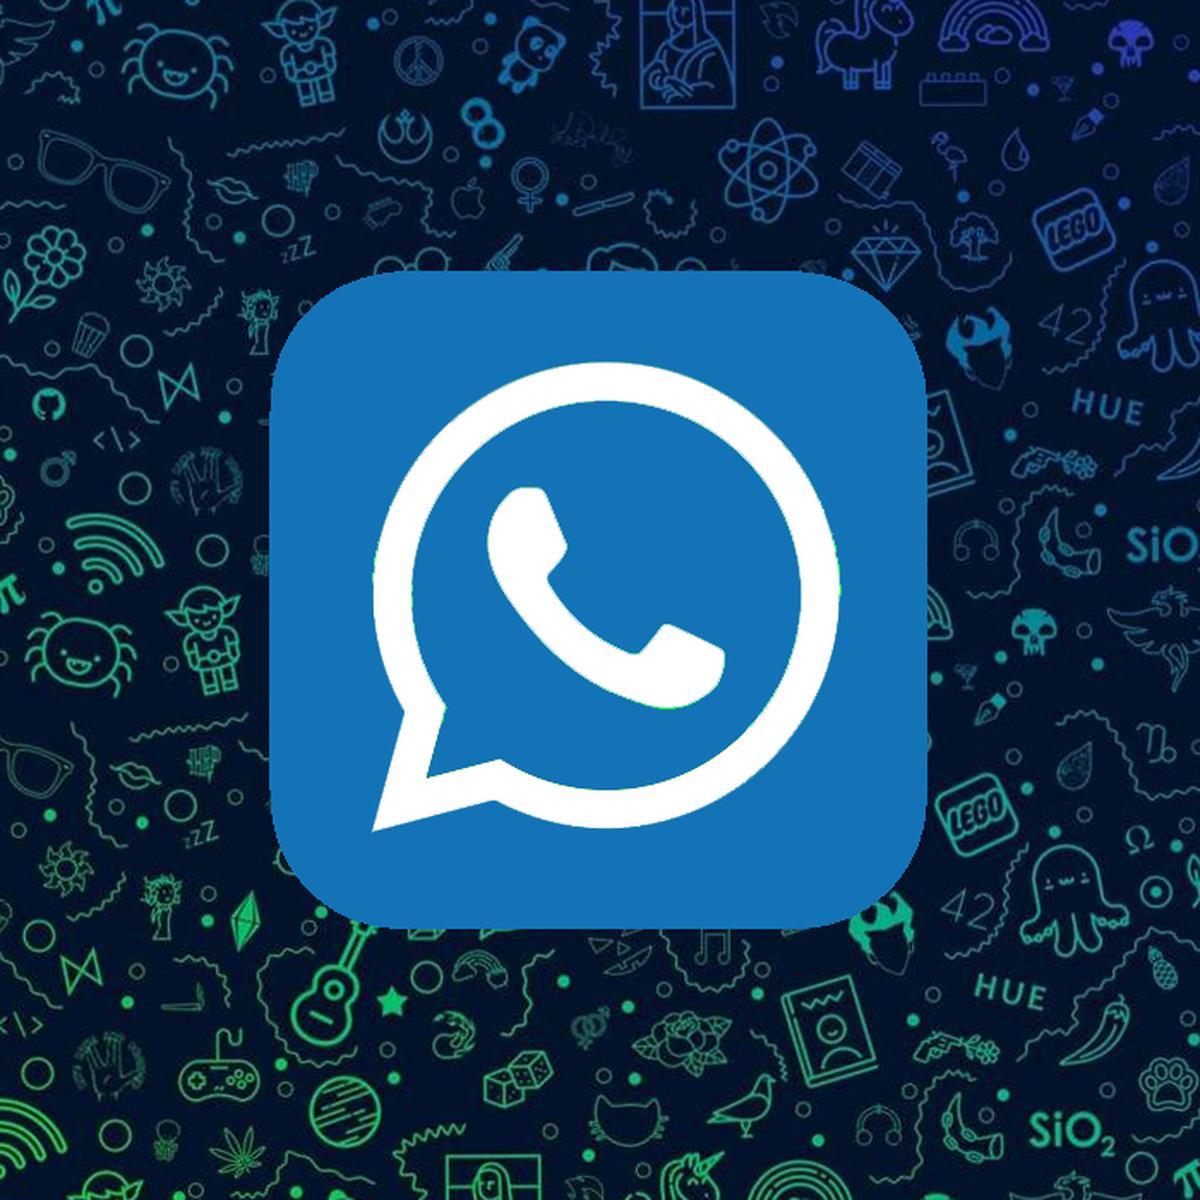 Whatsapp El Truco Para Cambiar El Color Del Logo De La App Truco 2020 Apps Tutorial Celulares Smartphone Viral Android Wasap Whatsapp Plus